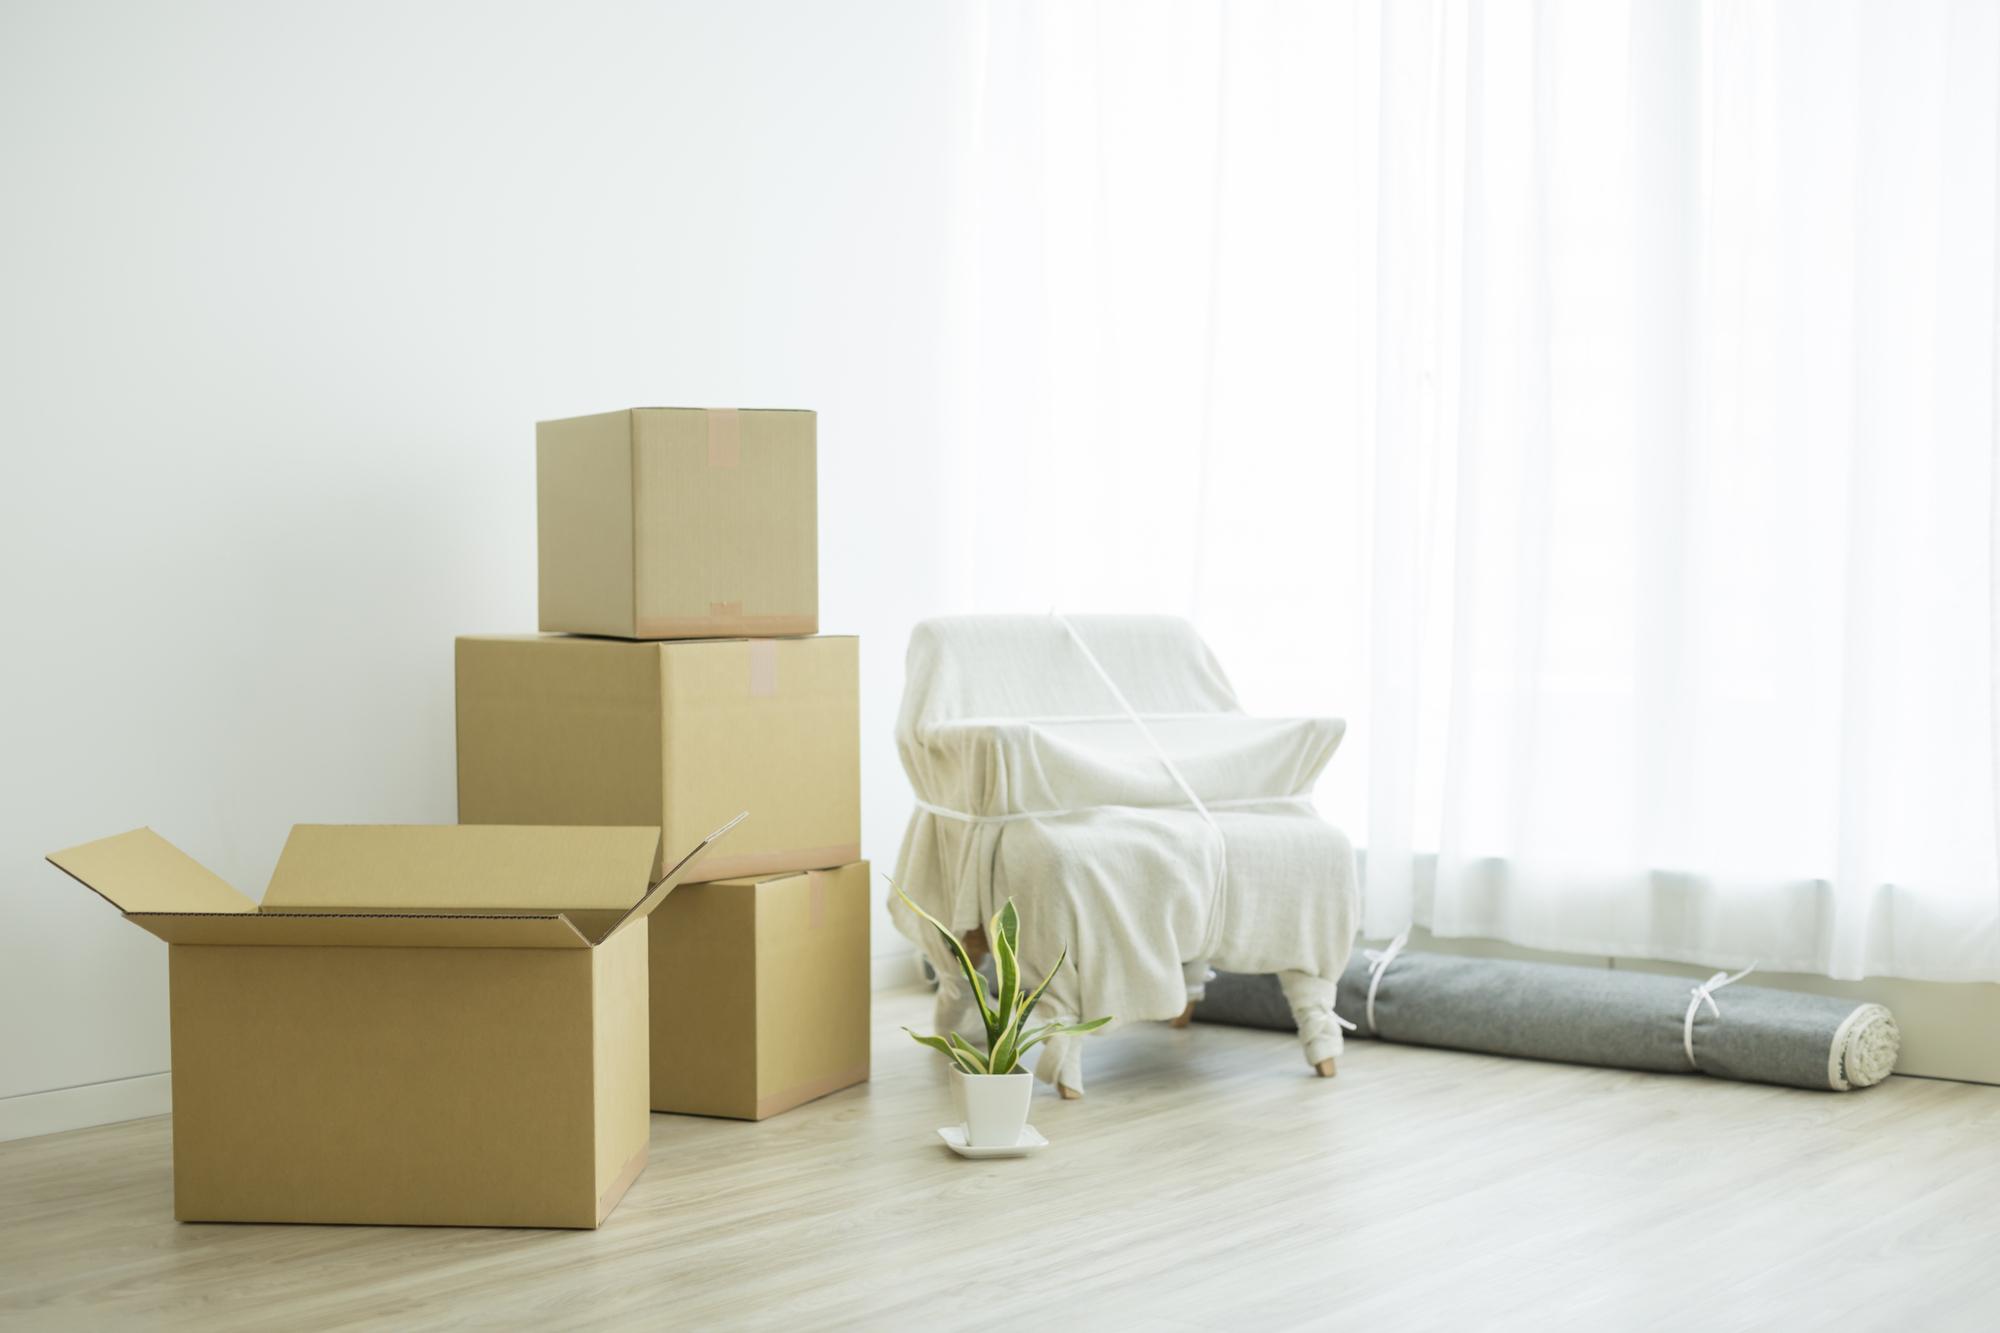 引越しで実践したい「荷造りを効果的に進めるコツ」を一挙紹介!